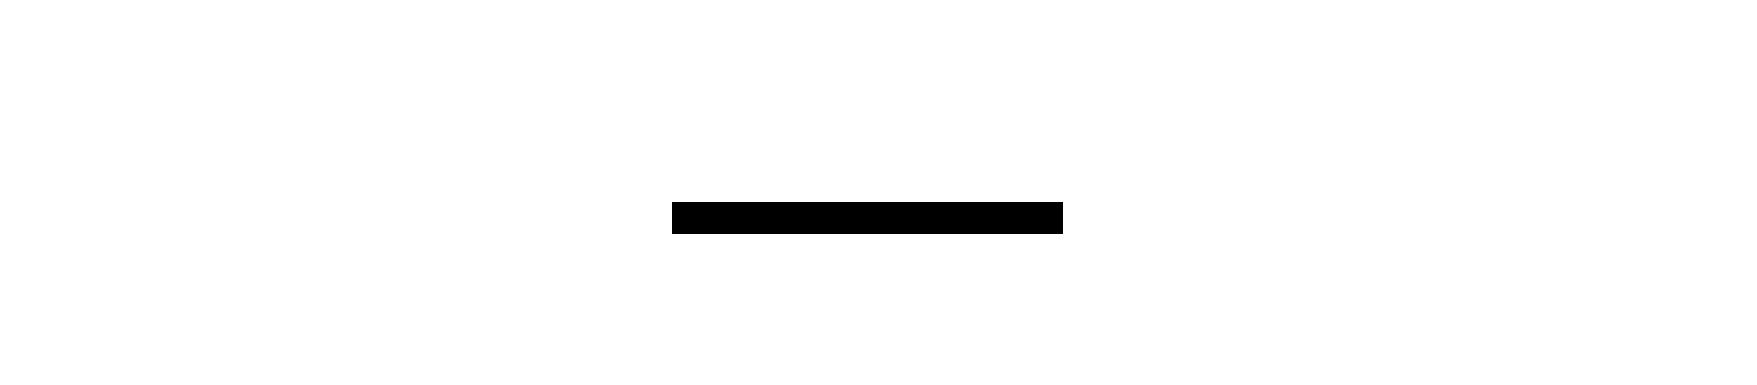 LepageIllus-copie-2